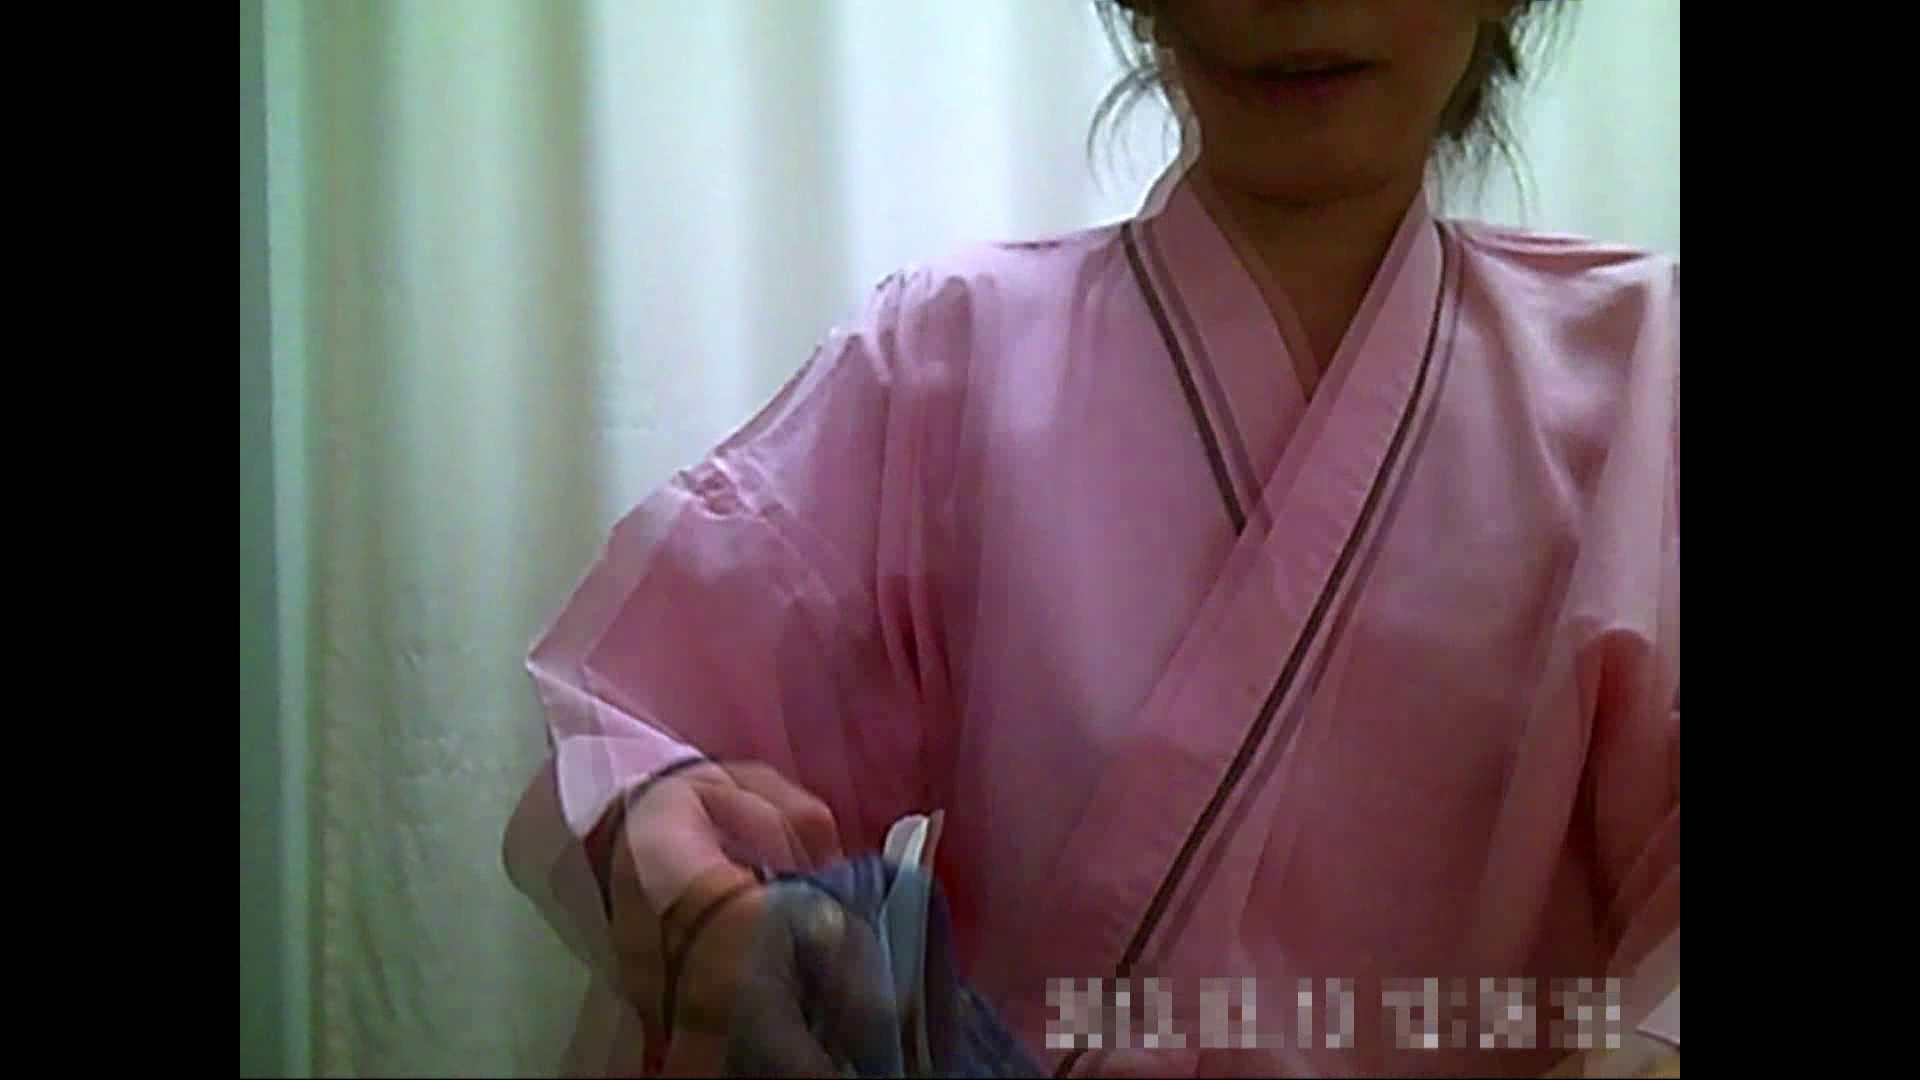 元医者による反抗 更衣室地獄絵巻 vol.098 OL  106pic 88